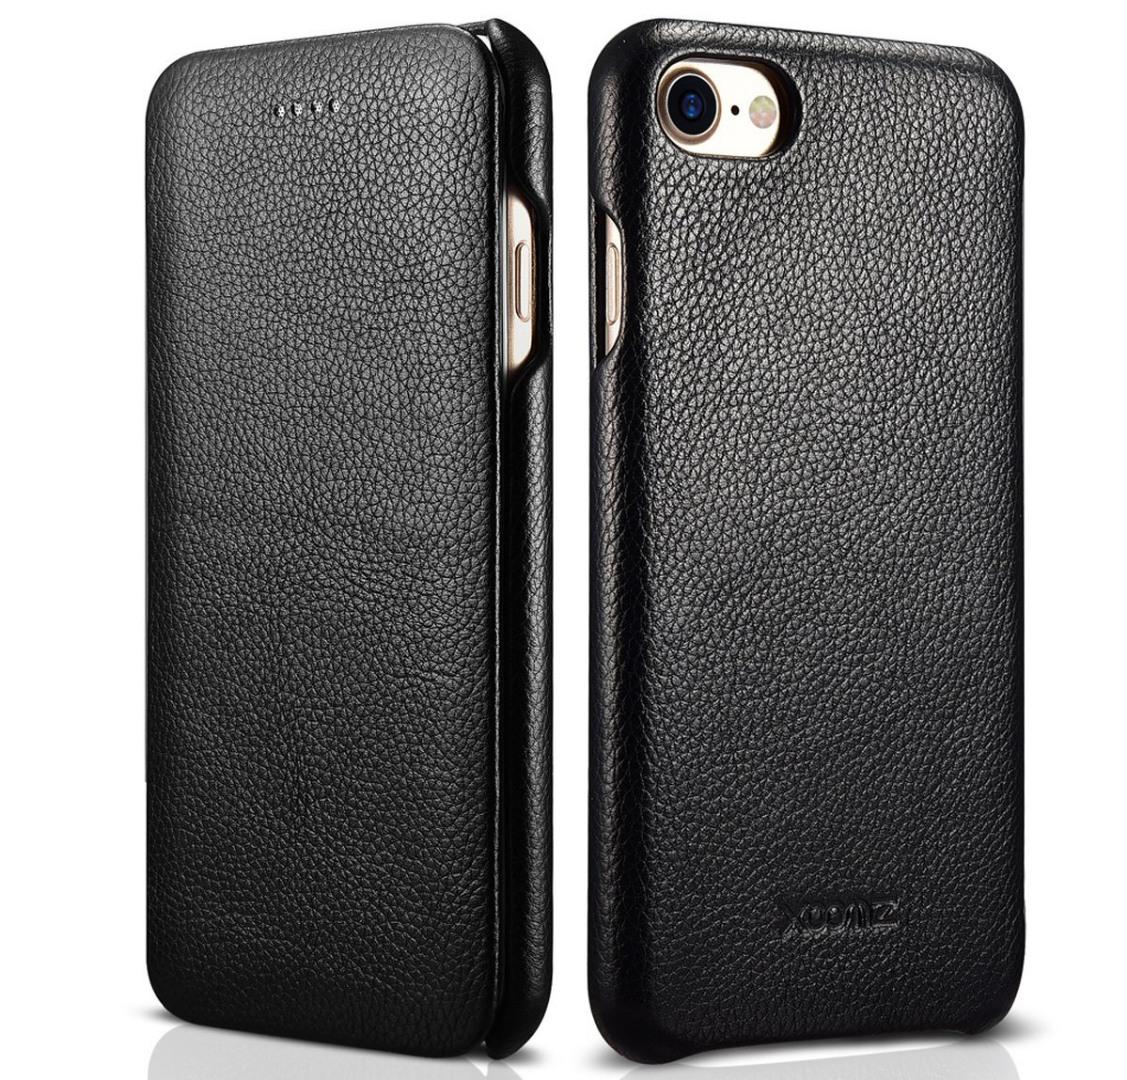 Husa din piele naturala texturata, iPhone SE 2 (2020) / iPhone 8 / iPhone 7, tip carte - Xoomz by iCarer, Negru